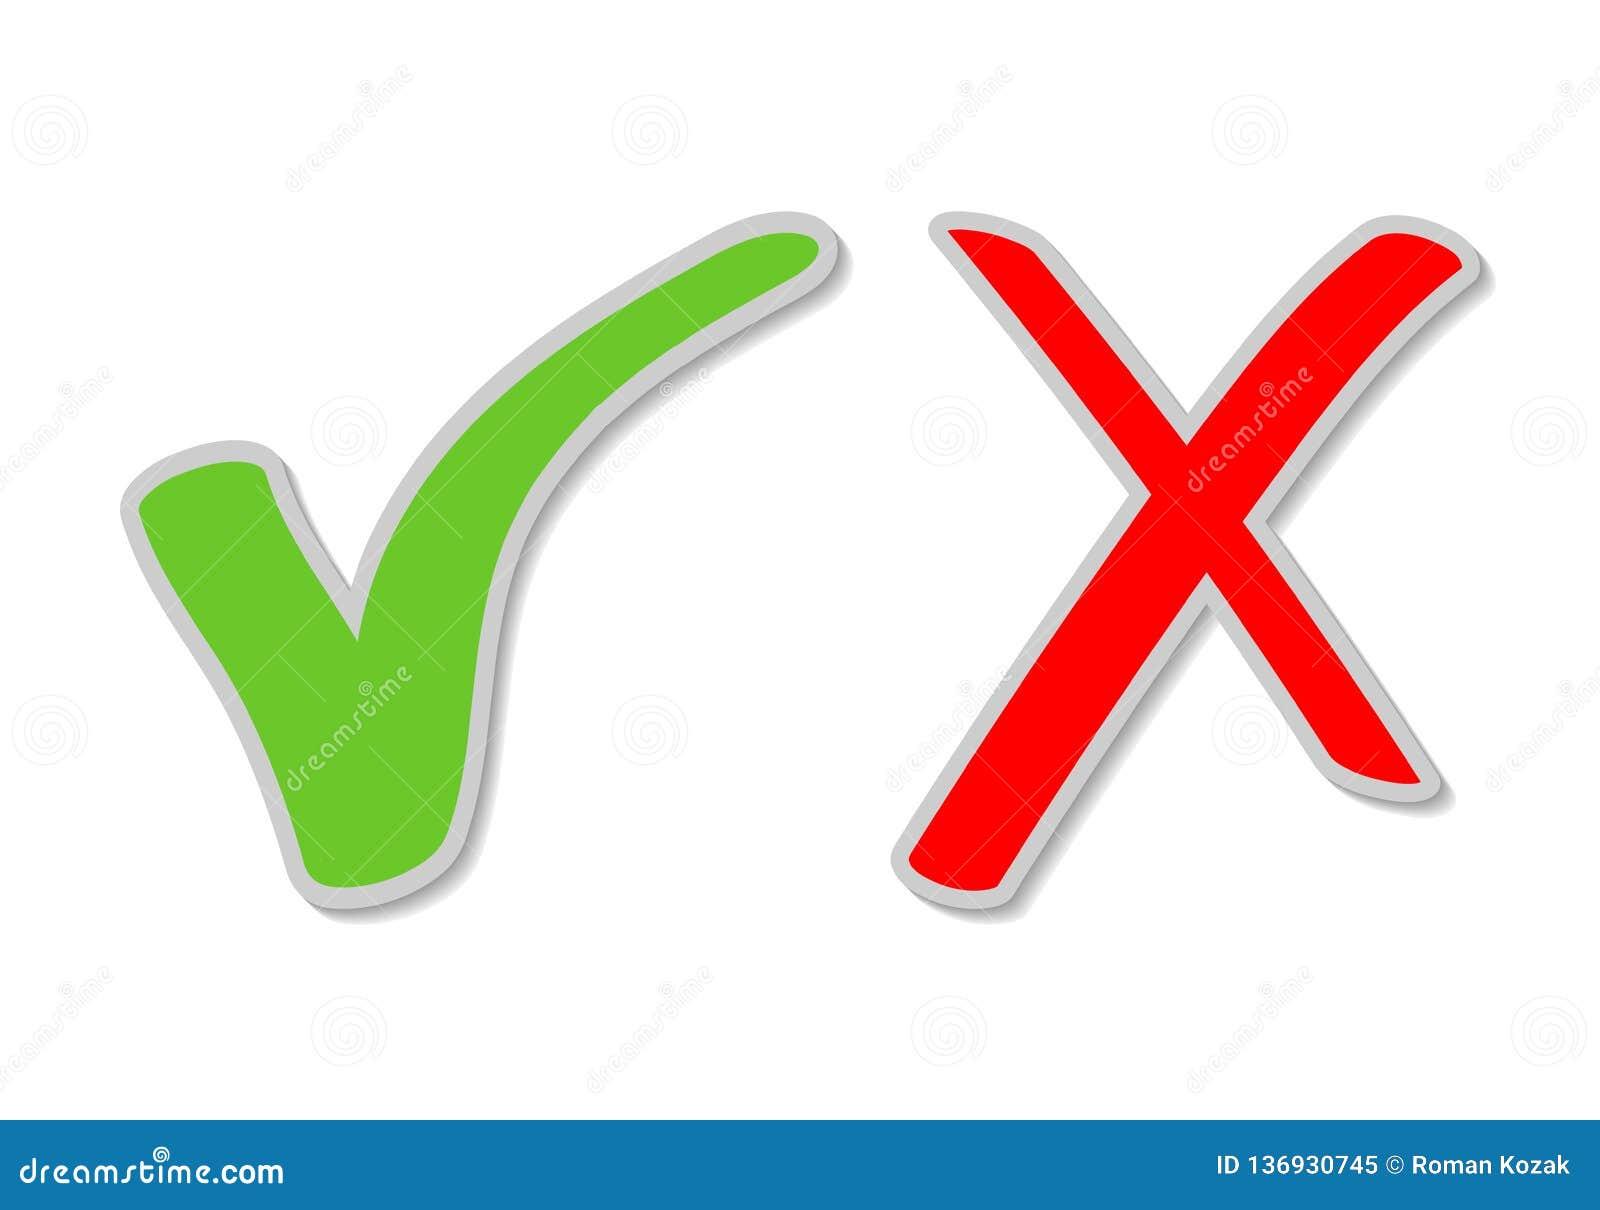 Klistermärkear för kontrollfläck, grön fästing och Röda korsettecken